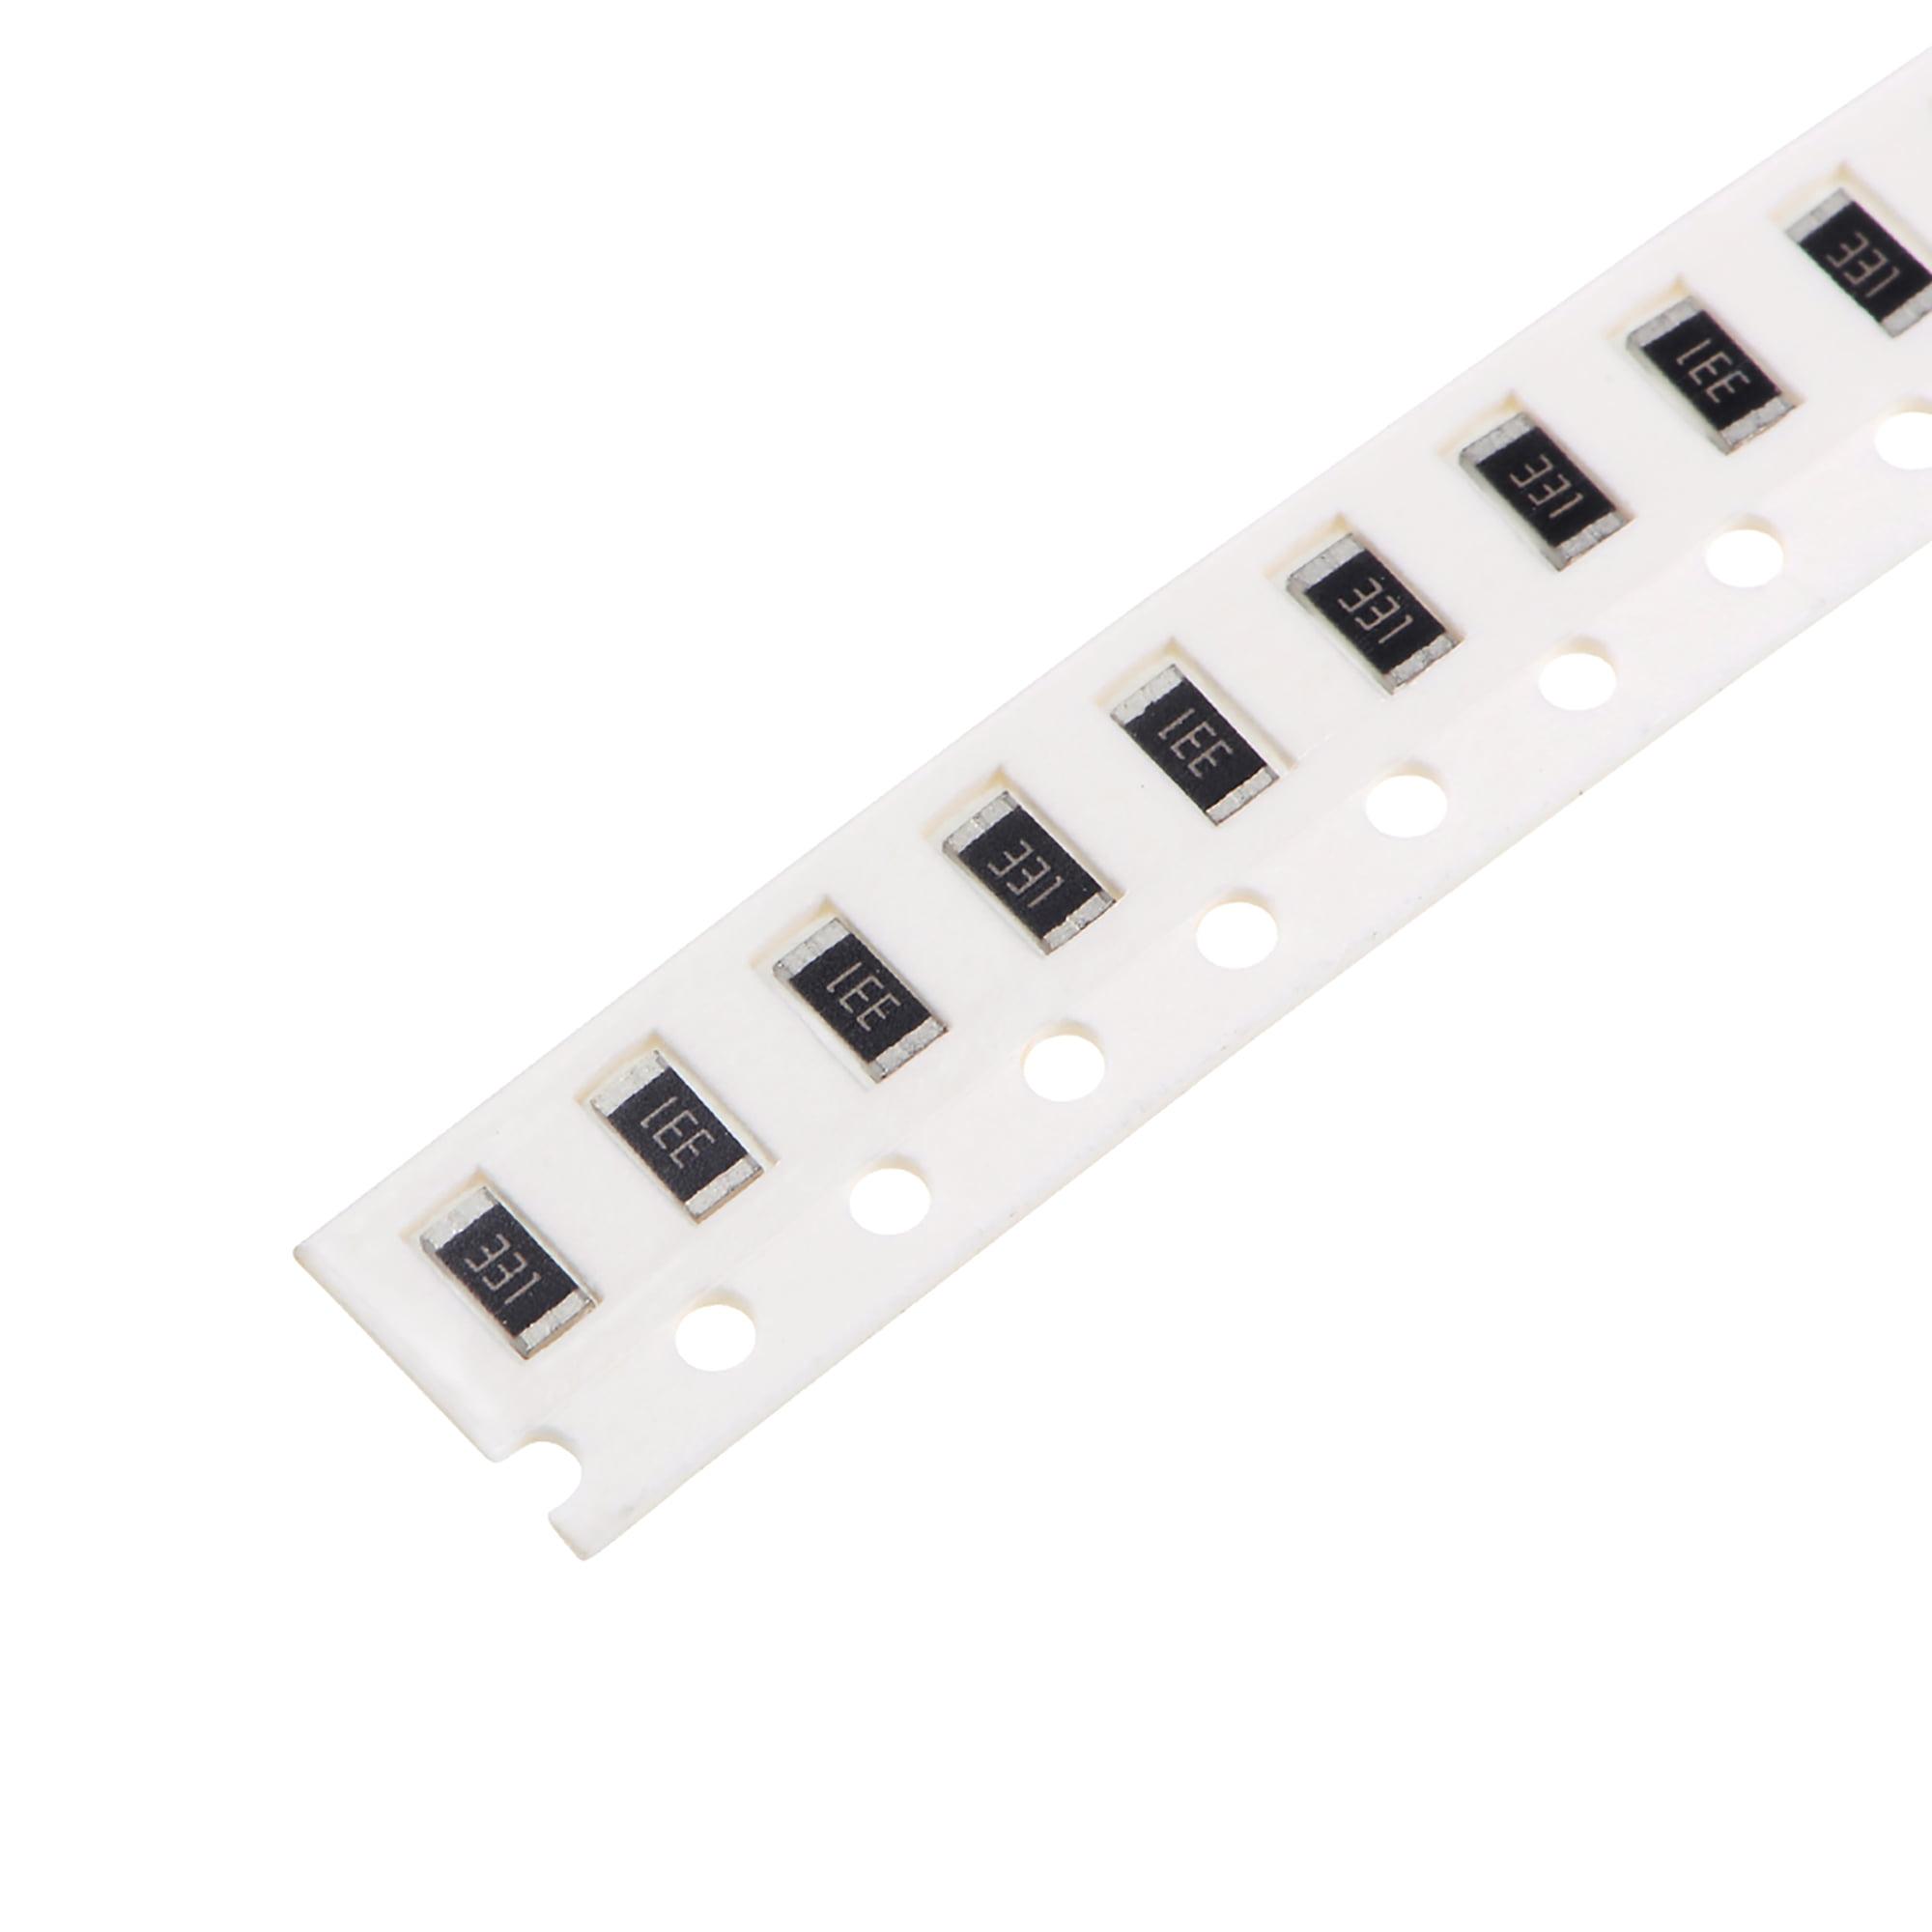 4K7 SMD SMT Surface Mount Chip Resistor 0603 5/% Set of 100 Pieces 4.7K Ohm